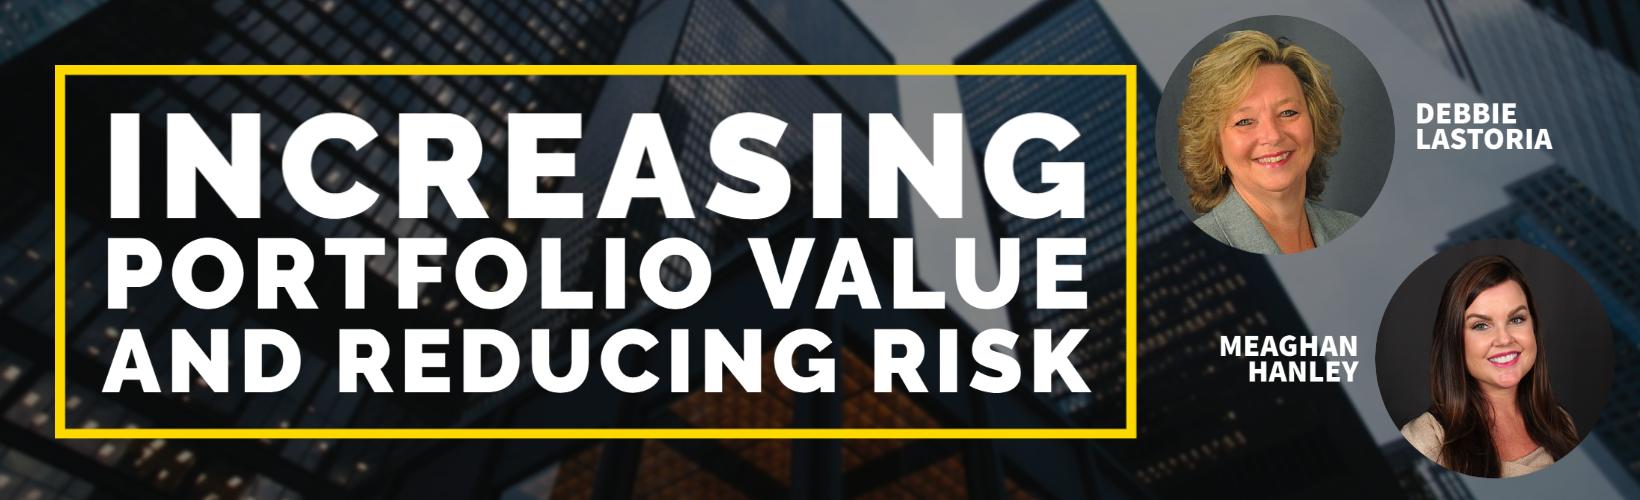 INCREASING PORTFOLIO VALUE AND REDUCING RISK